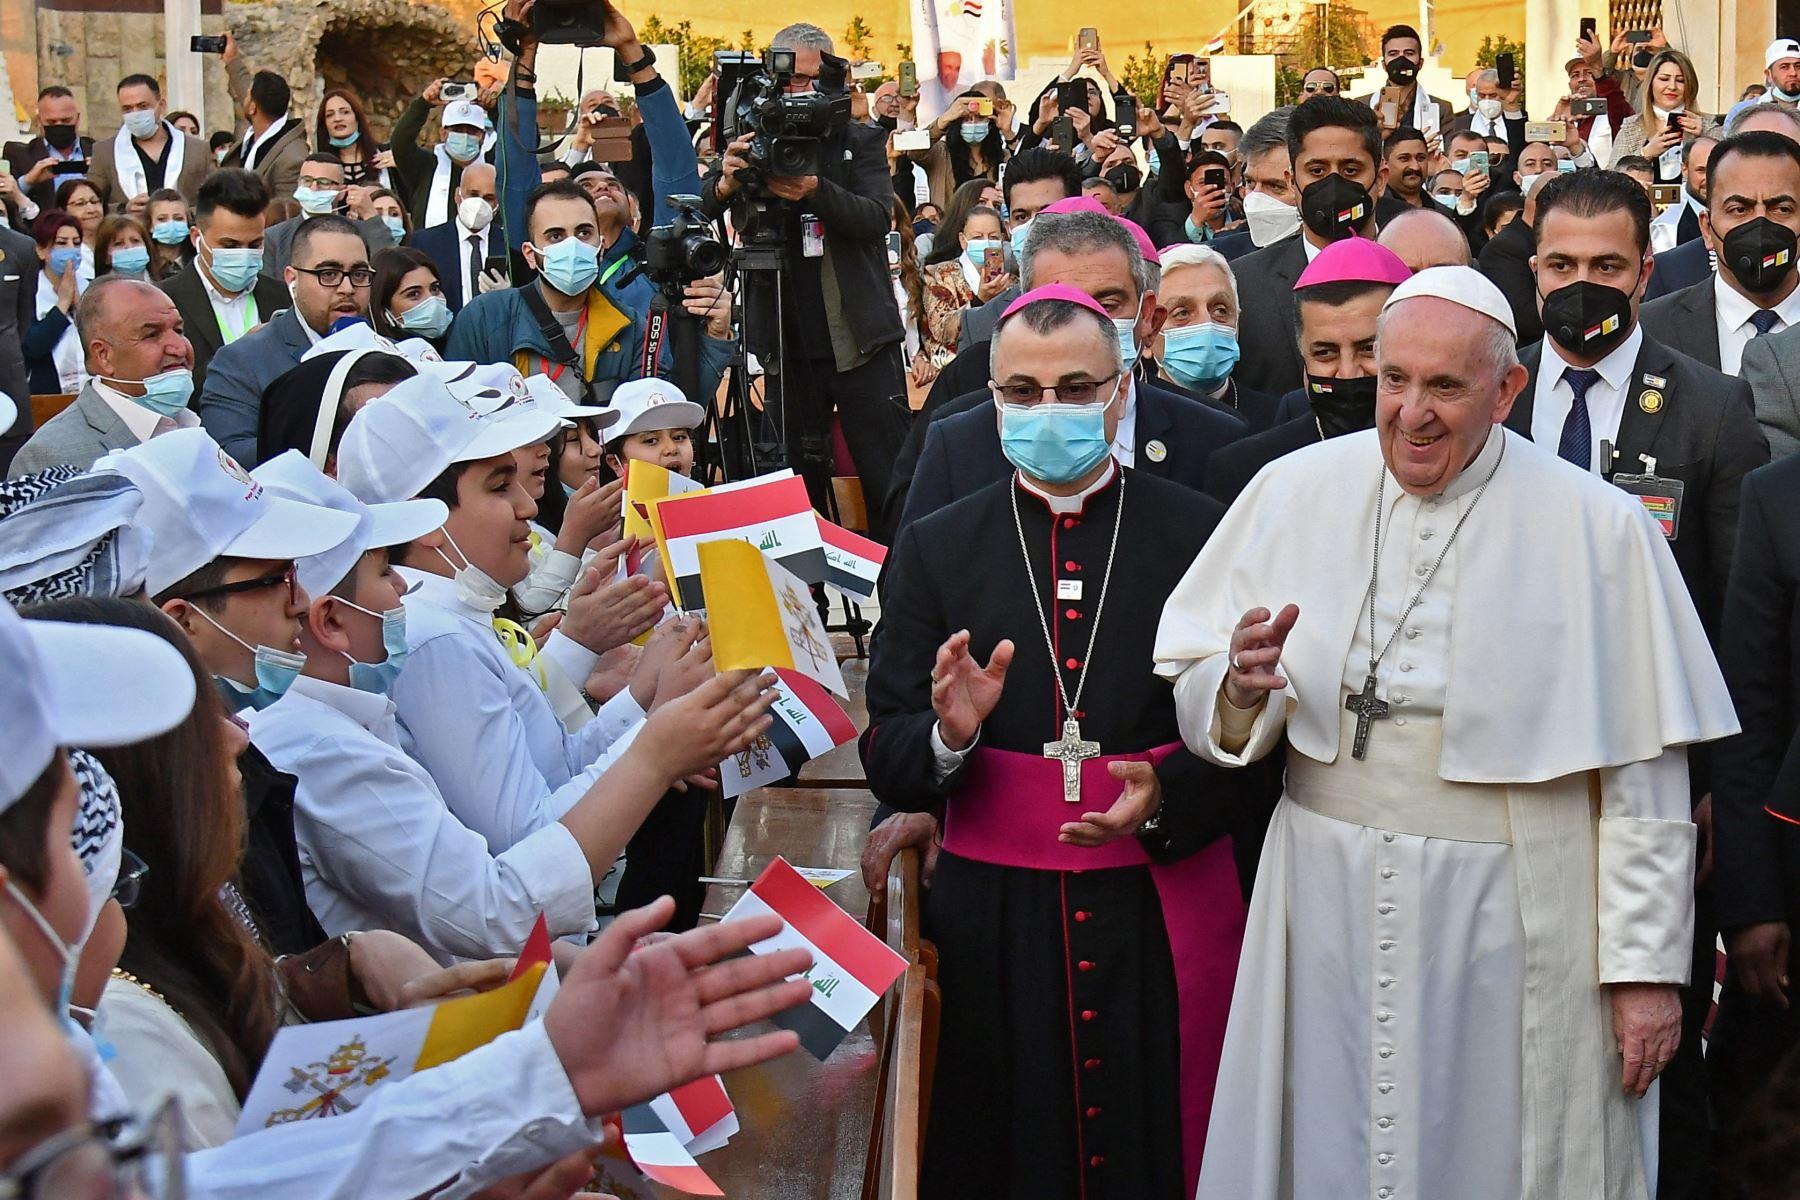 El Papa Francisco es recibido por niños a su llegada a la Catedral de San José de Bagdad en el segundo día de la primera visita papal a Irak. Foto: AFP